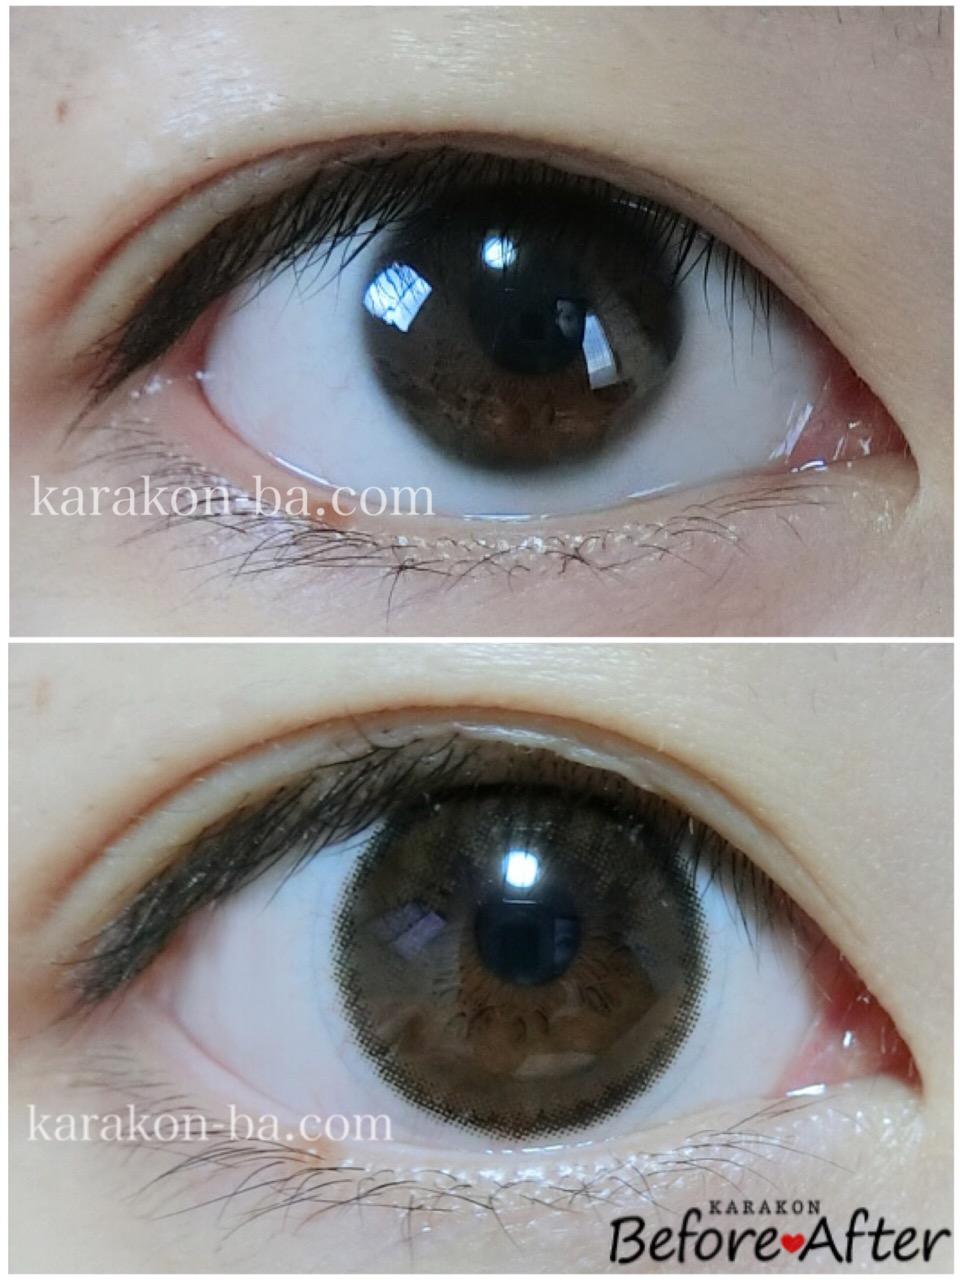 VIVIAN(ヴィヴィアン)アプリコットブラウンのカラコン装着画像/裸眼と比較レポ